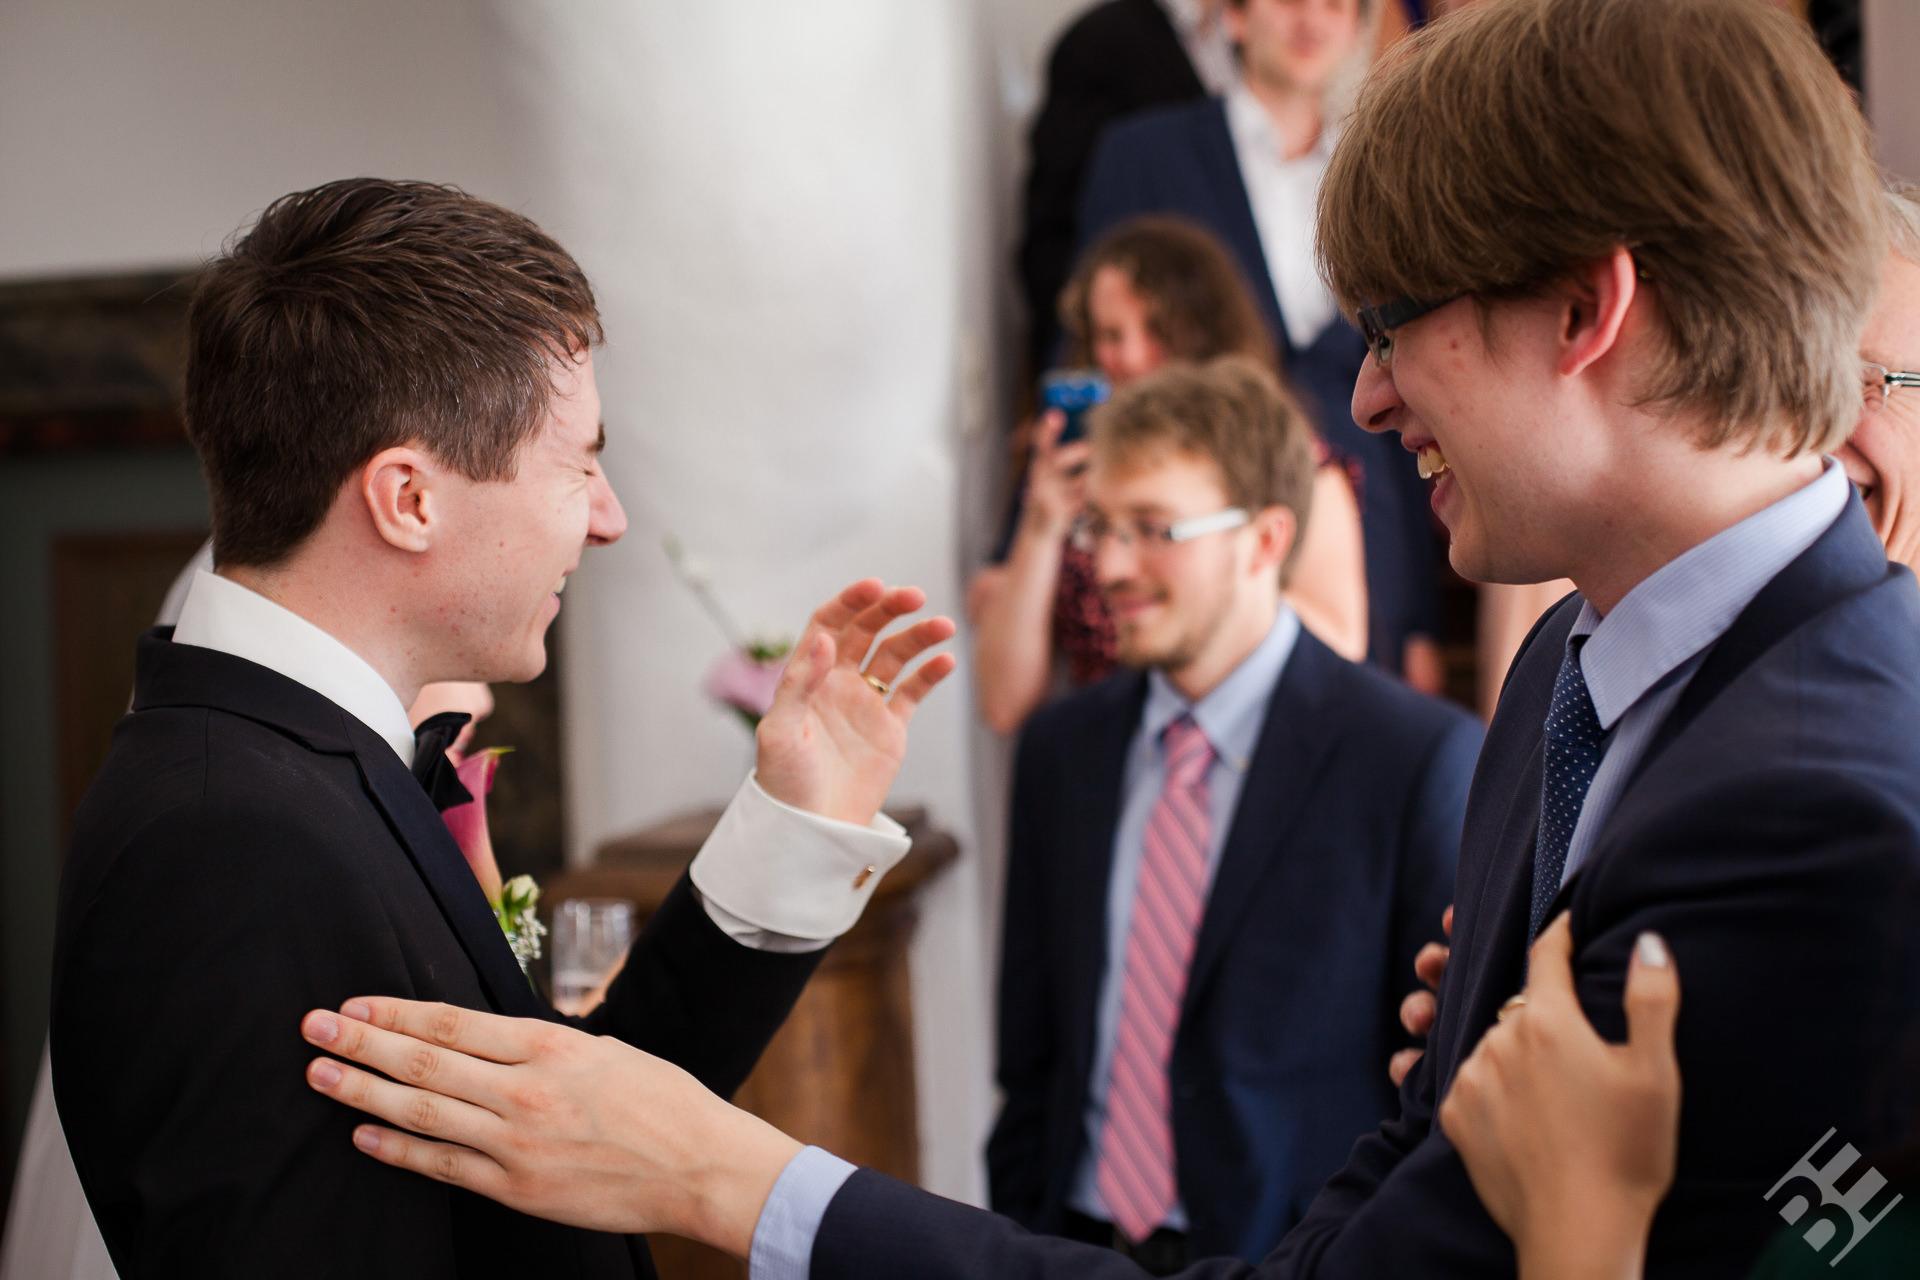 Hochzeit_54_IMG_9489_Volen_Evtimov